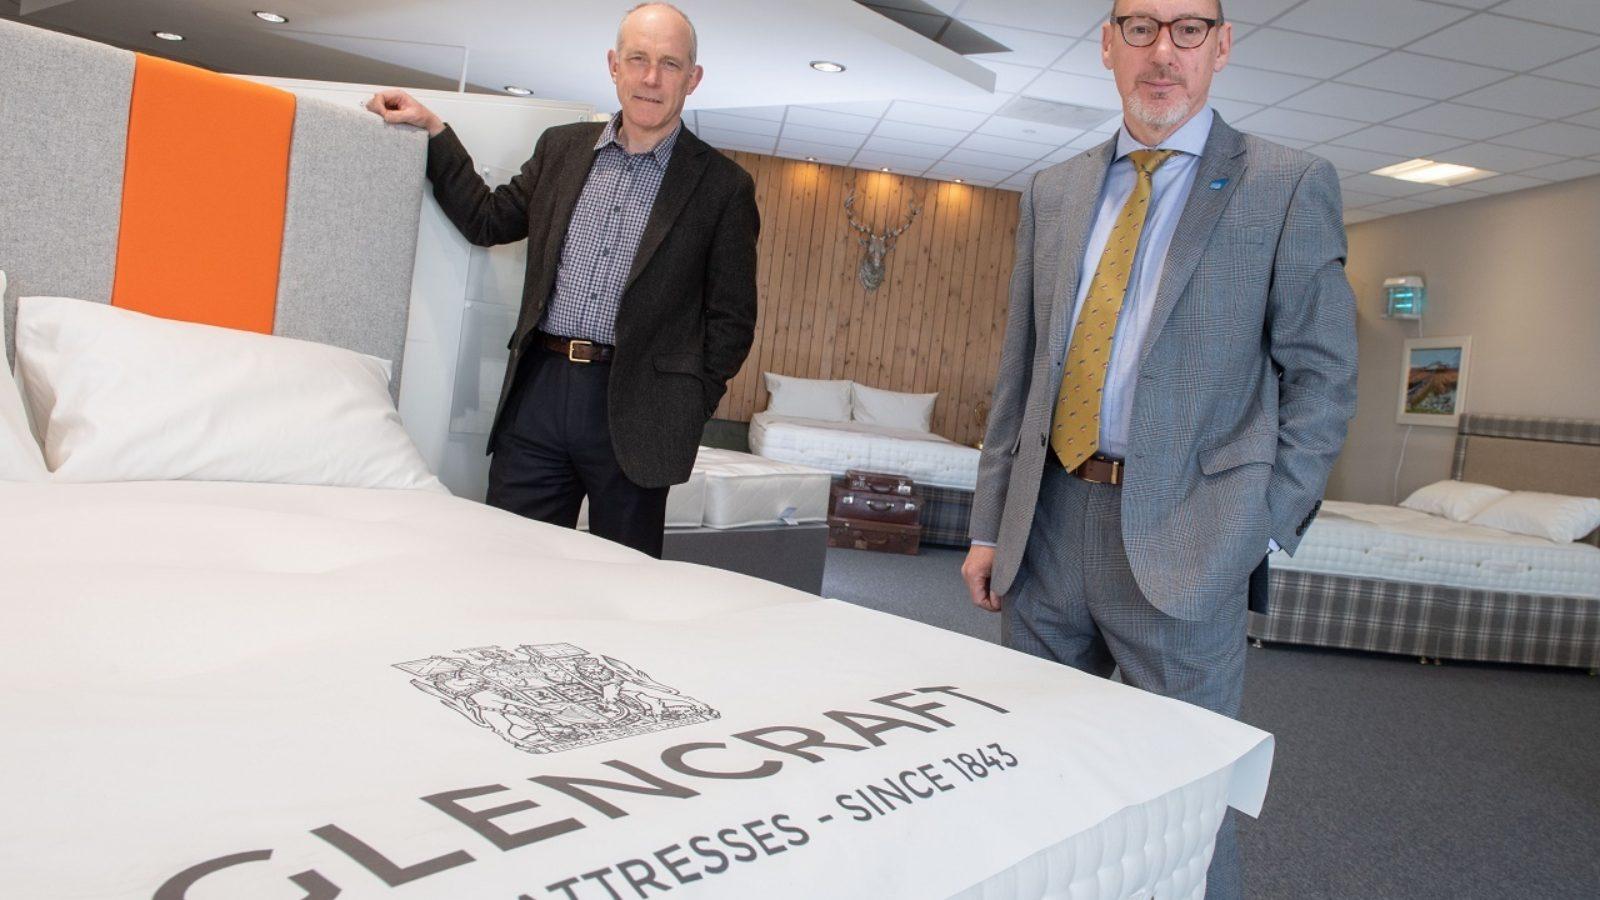 Aberdeen social enterprise Glencraft wins prestigious Queen's Award for Enterprise